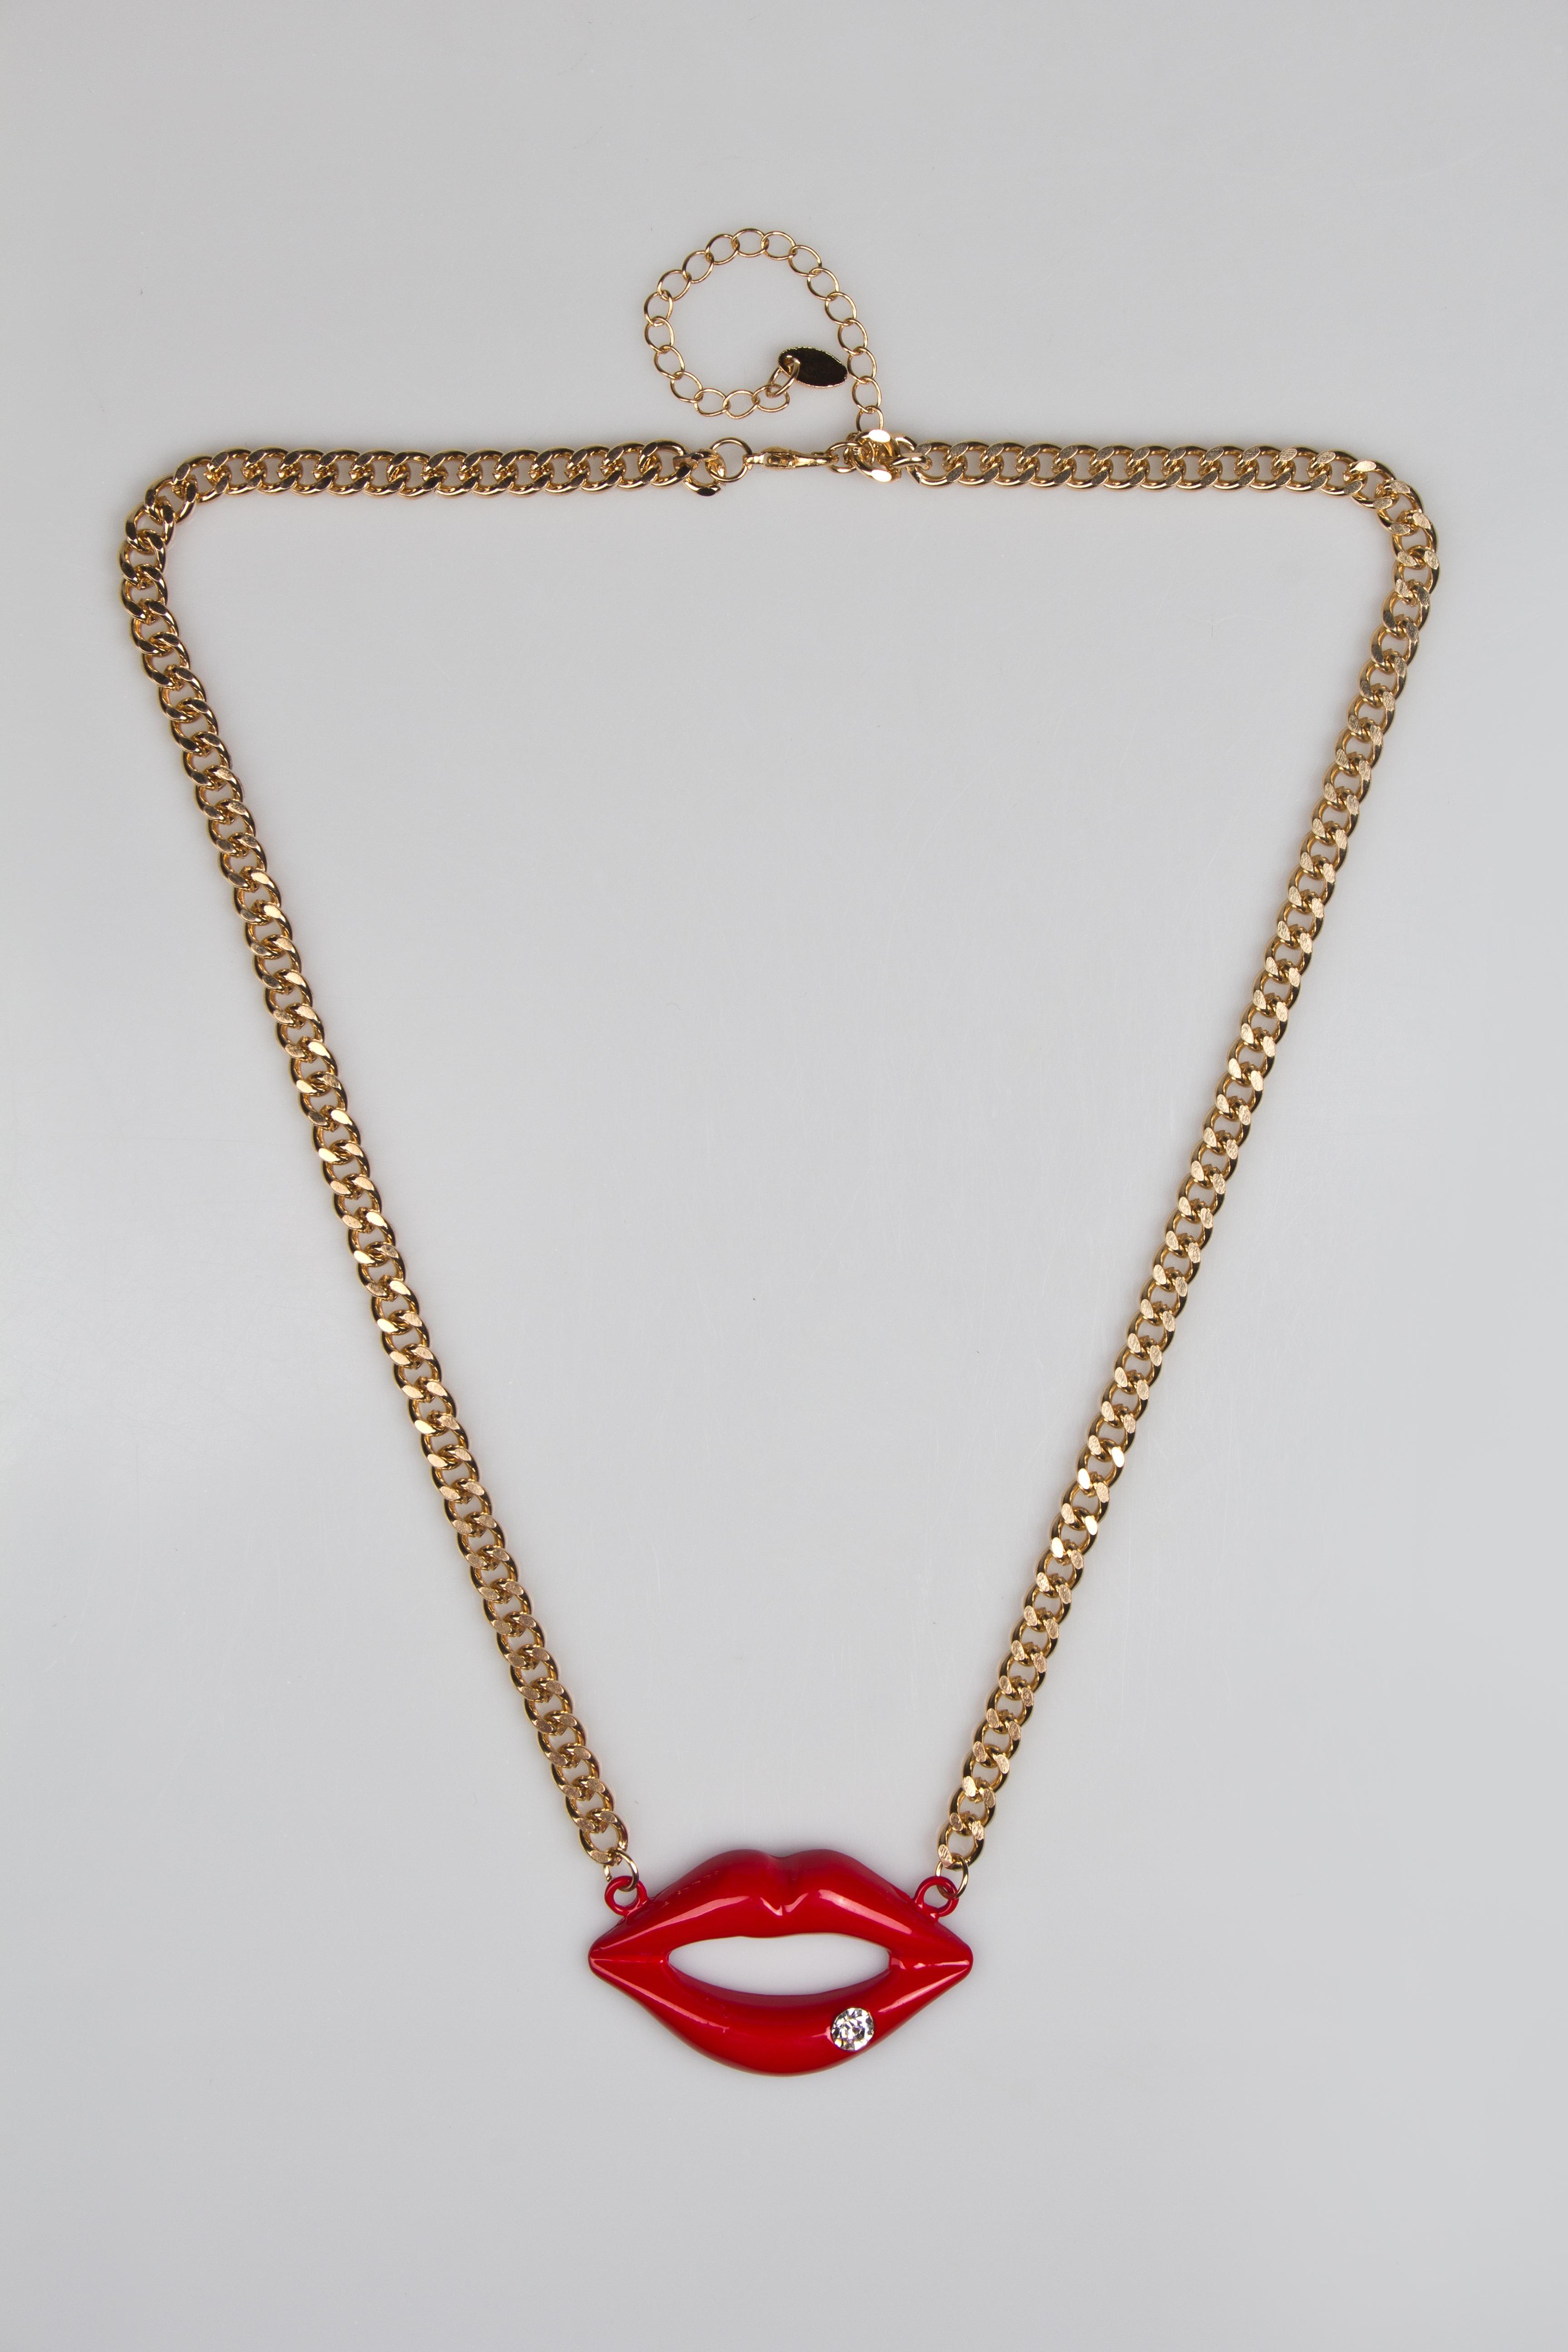 Ожерелье ГубыМетал: гиппоаллергенный бижутерный сплав металлов, не содержащий никеля<br>